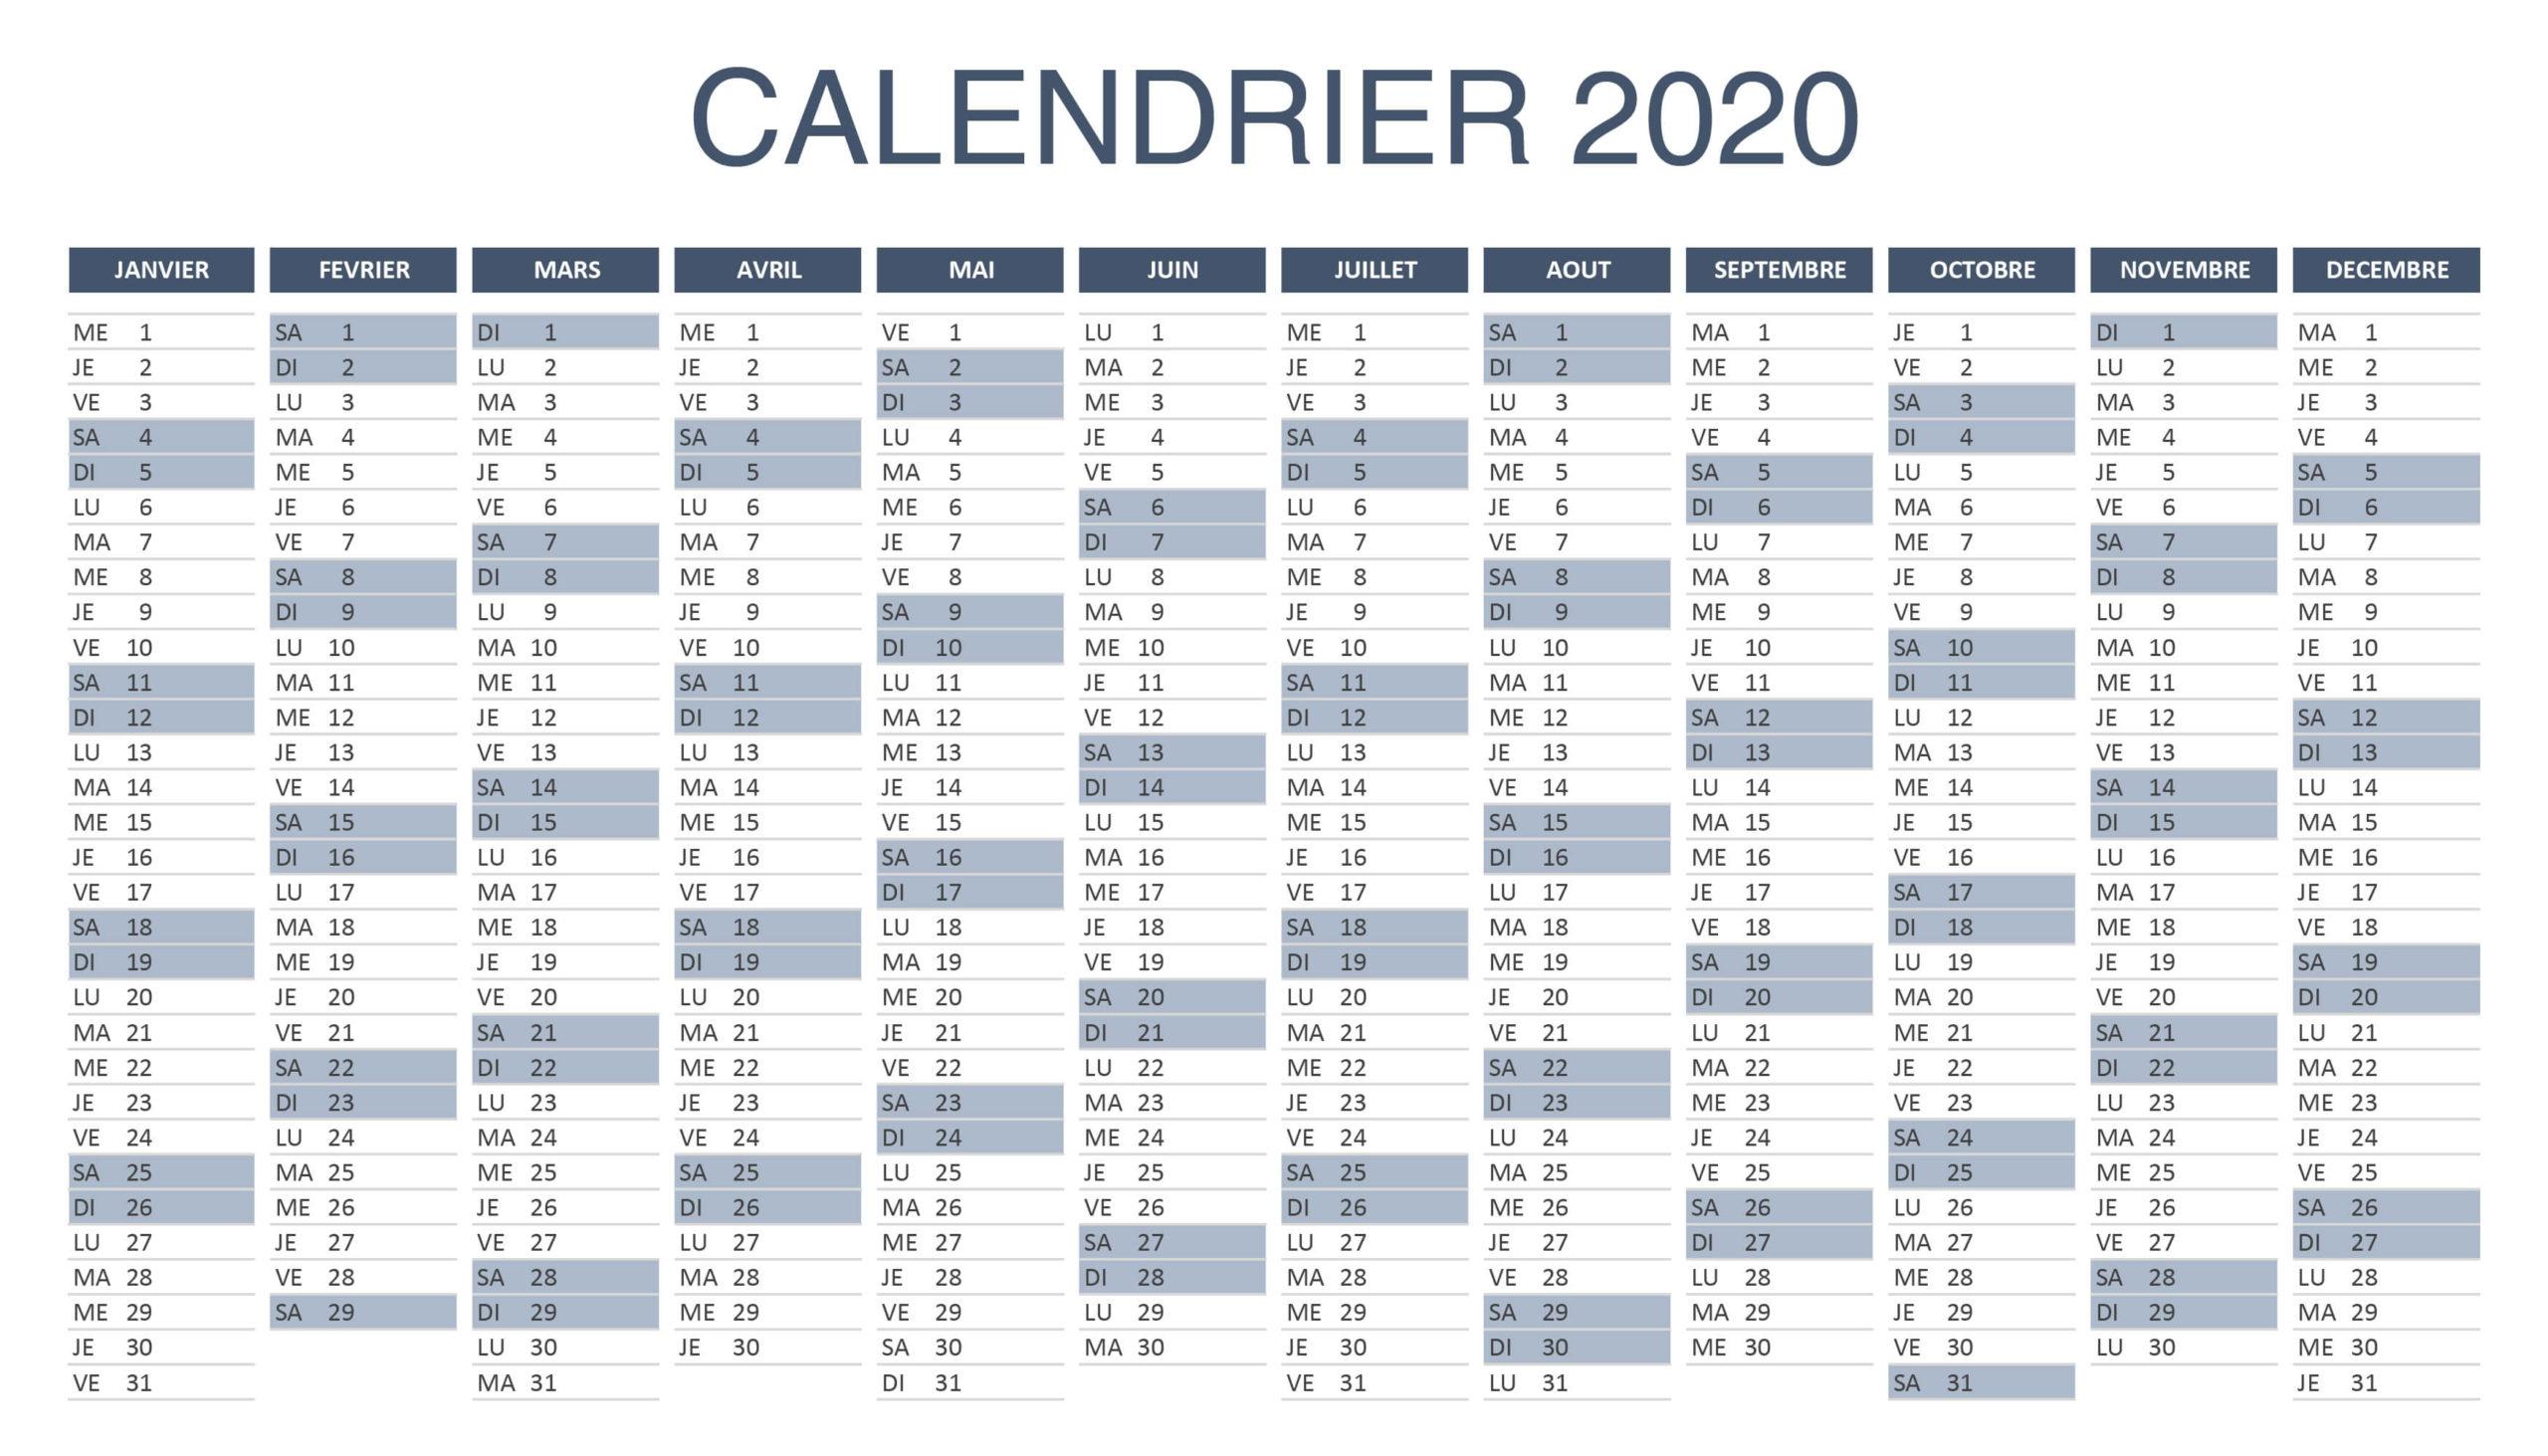 Calendrier 2020 Avec Semaine PDF